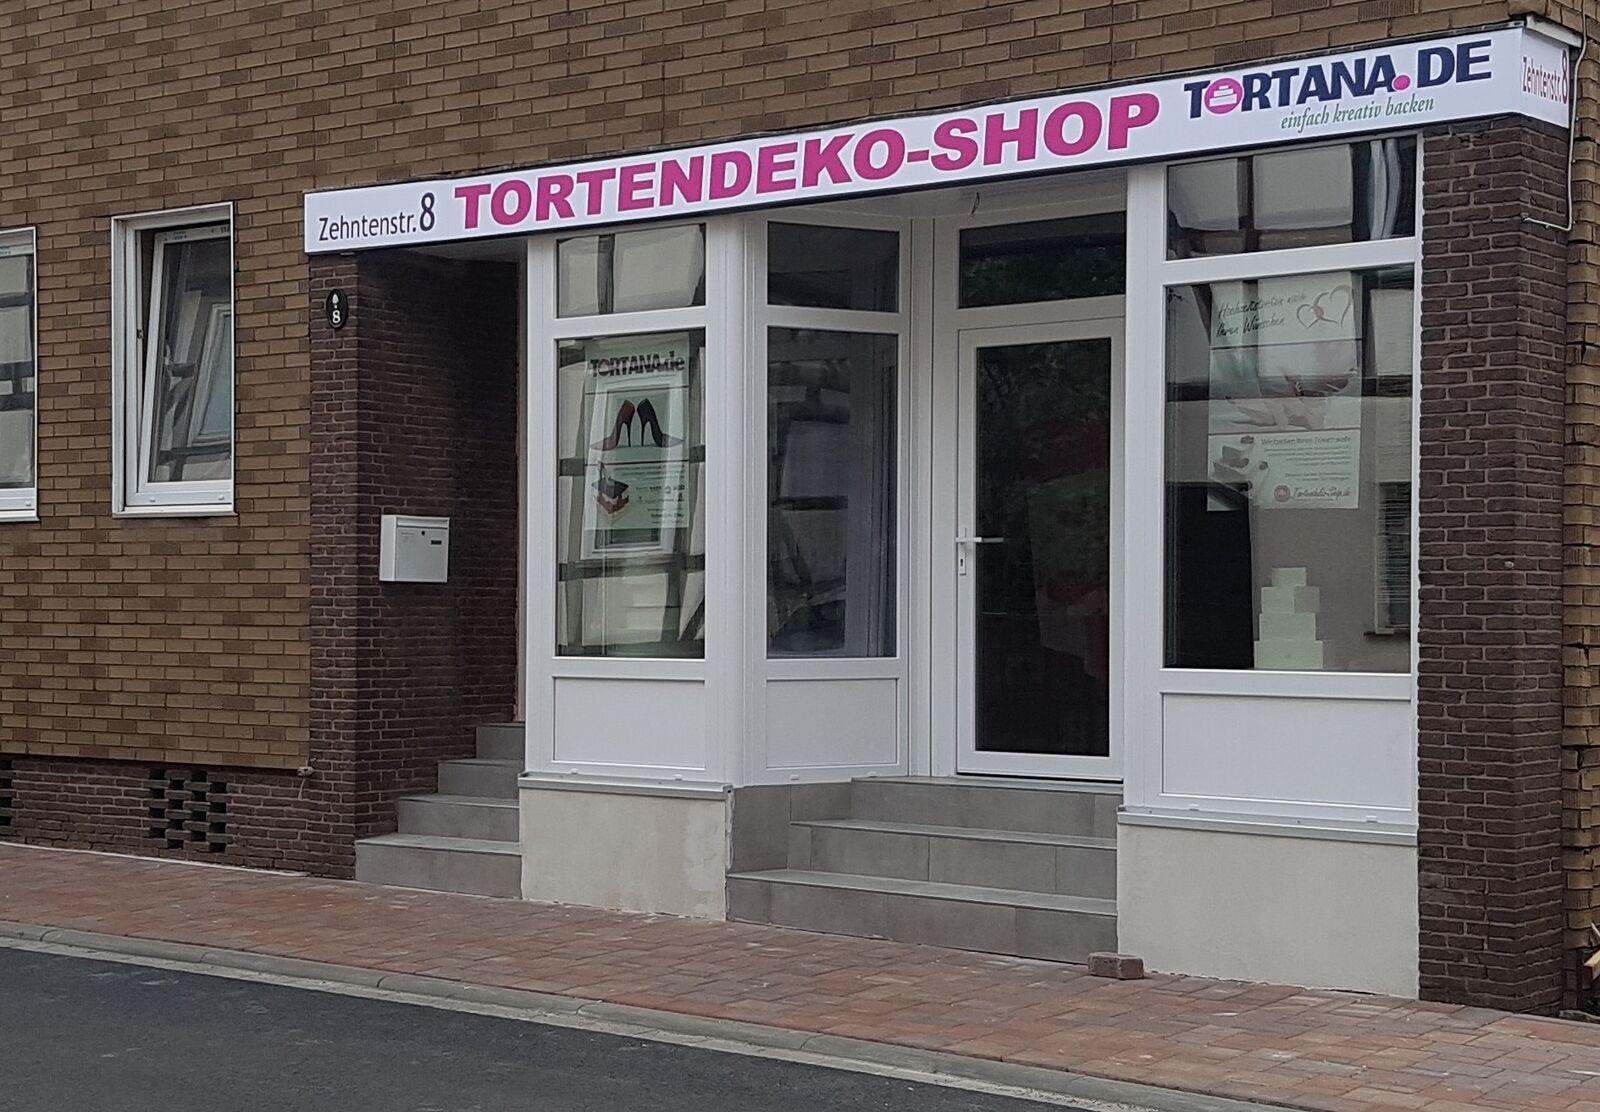 Tortendeko-Shop